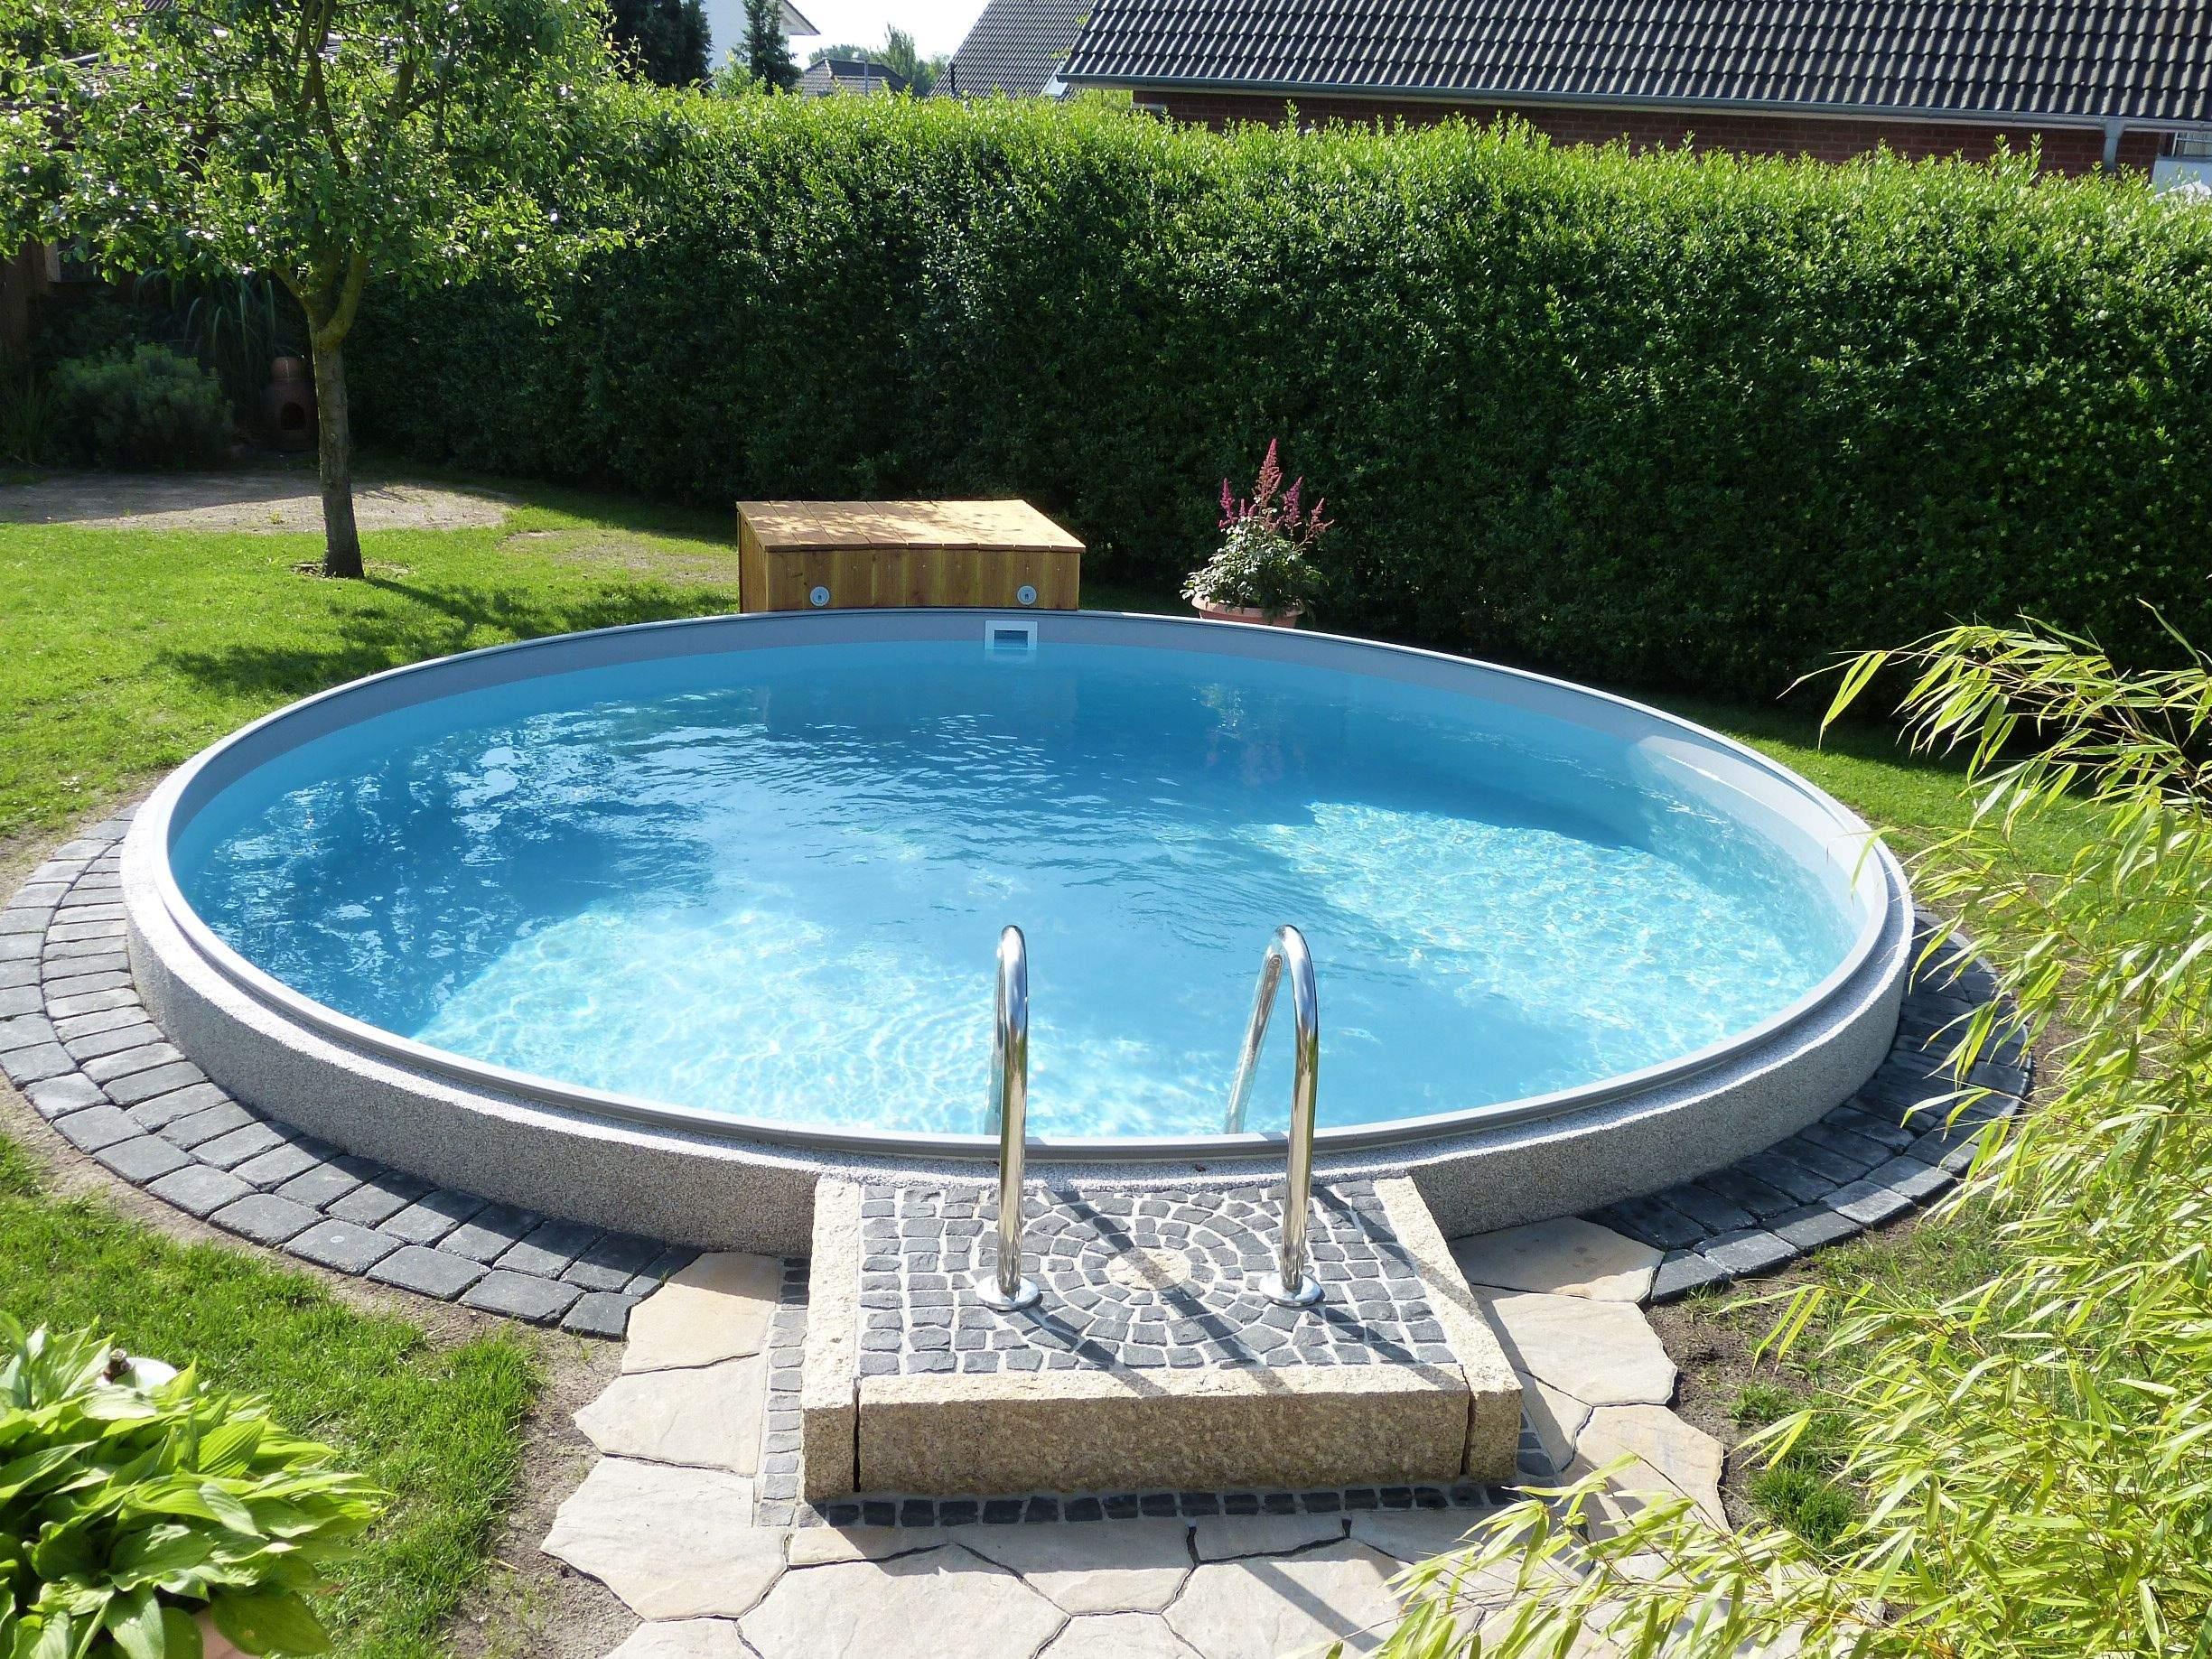 Garten Pool Selber Bauen Inspirierend Poolakademie Bauen Sie Ihren Pool Selbst Wir Helfen